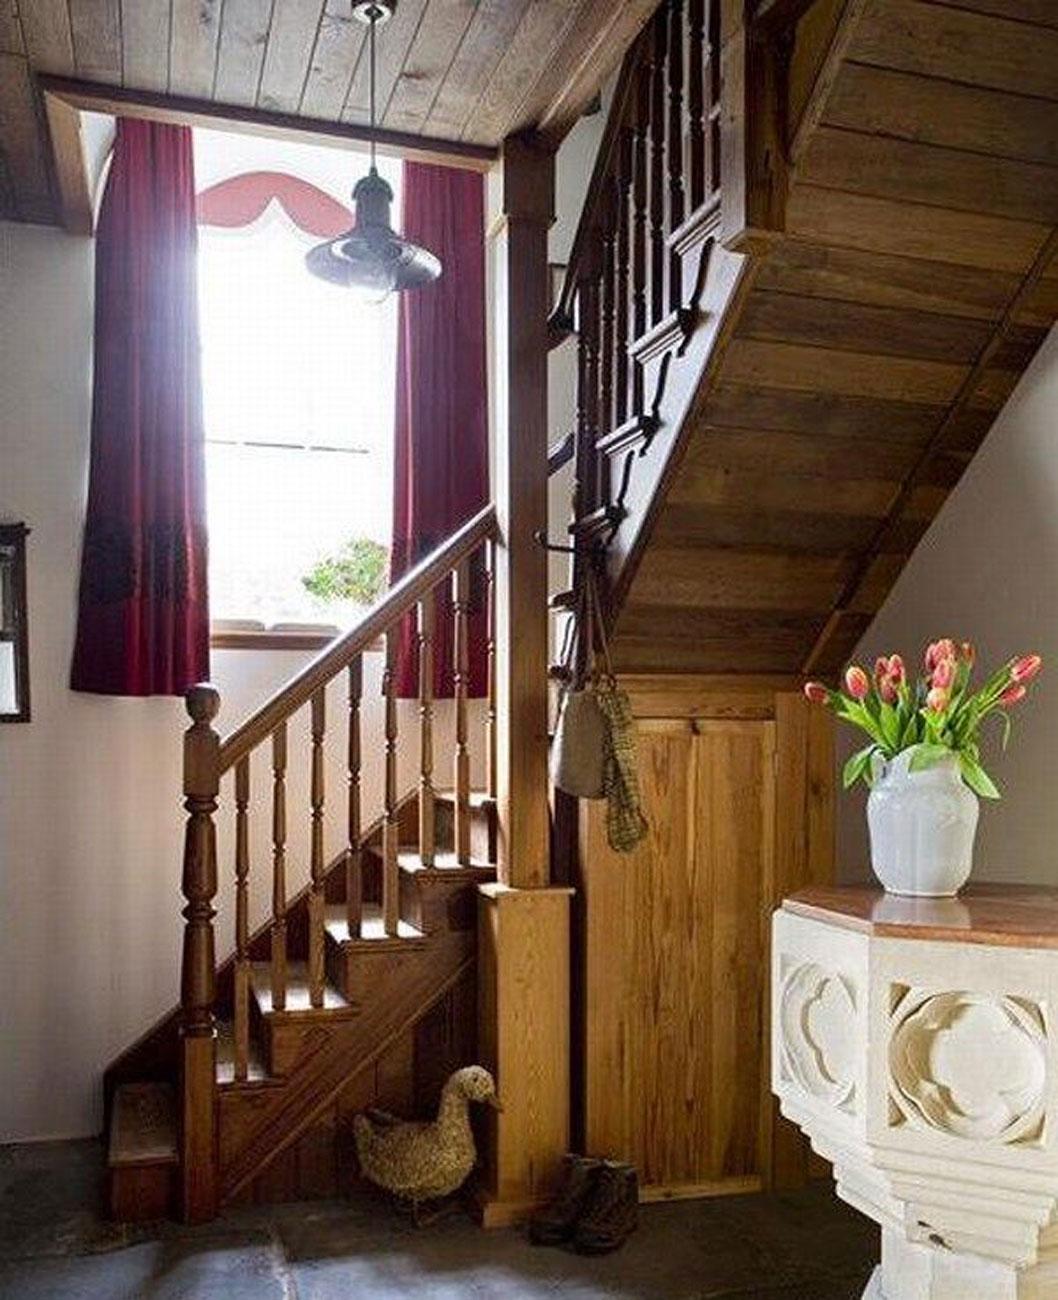 Unique Architectural Home Design Ideas